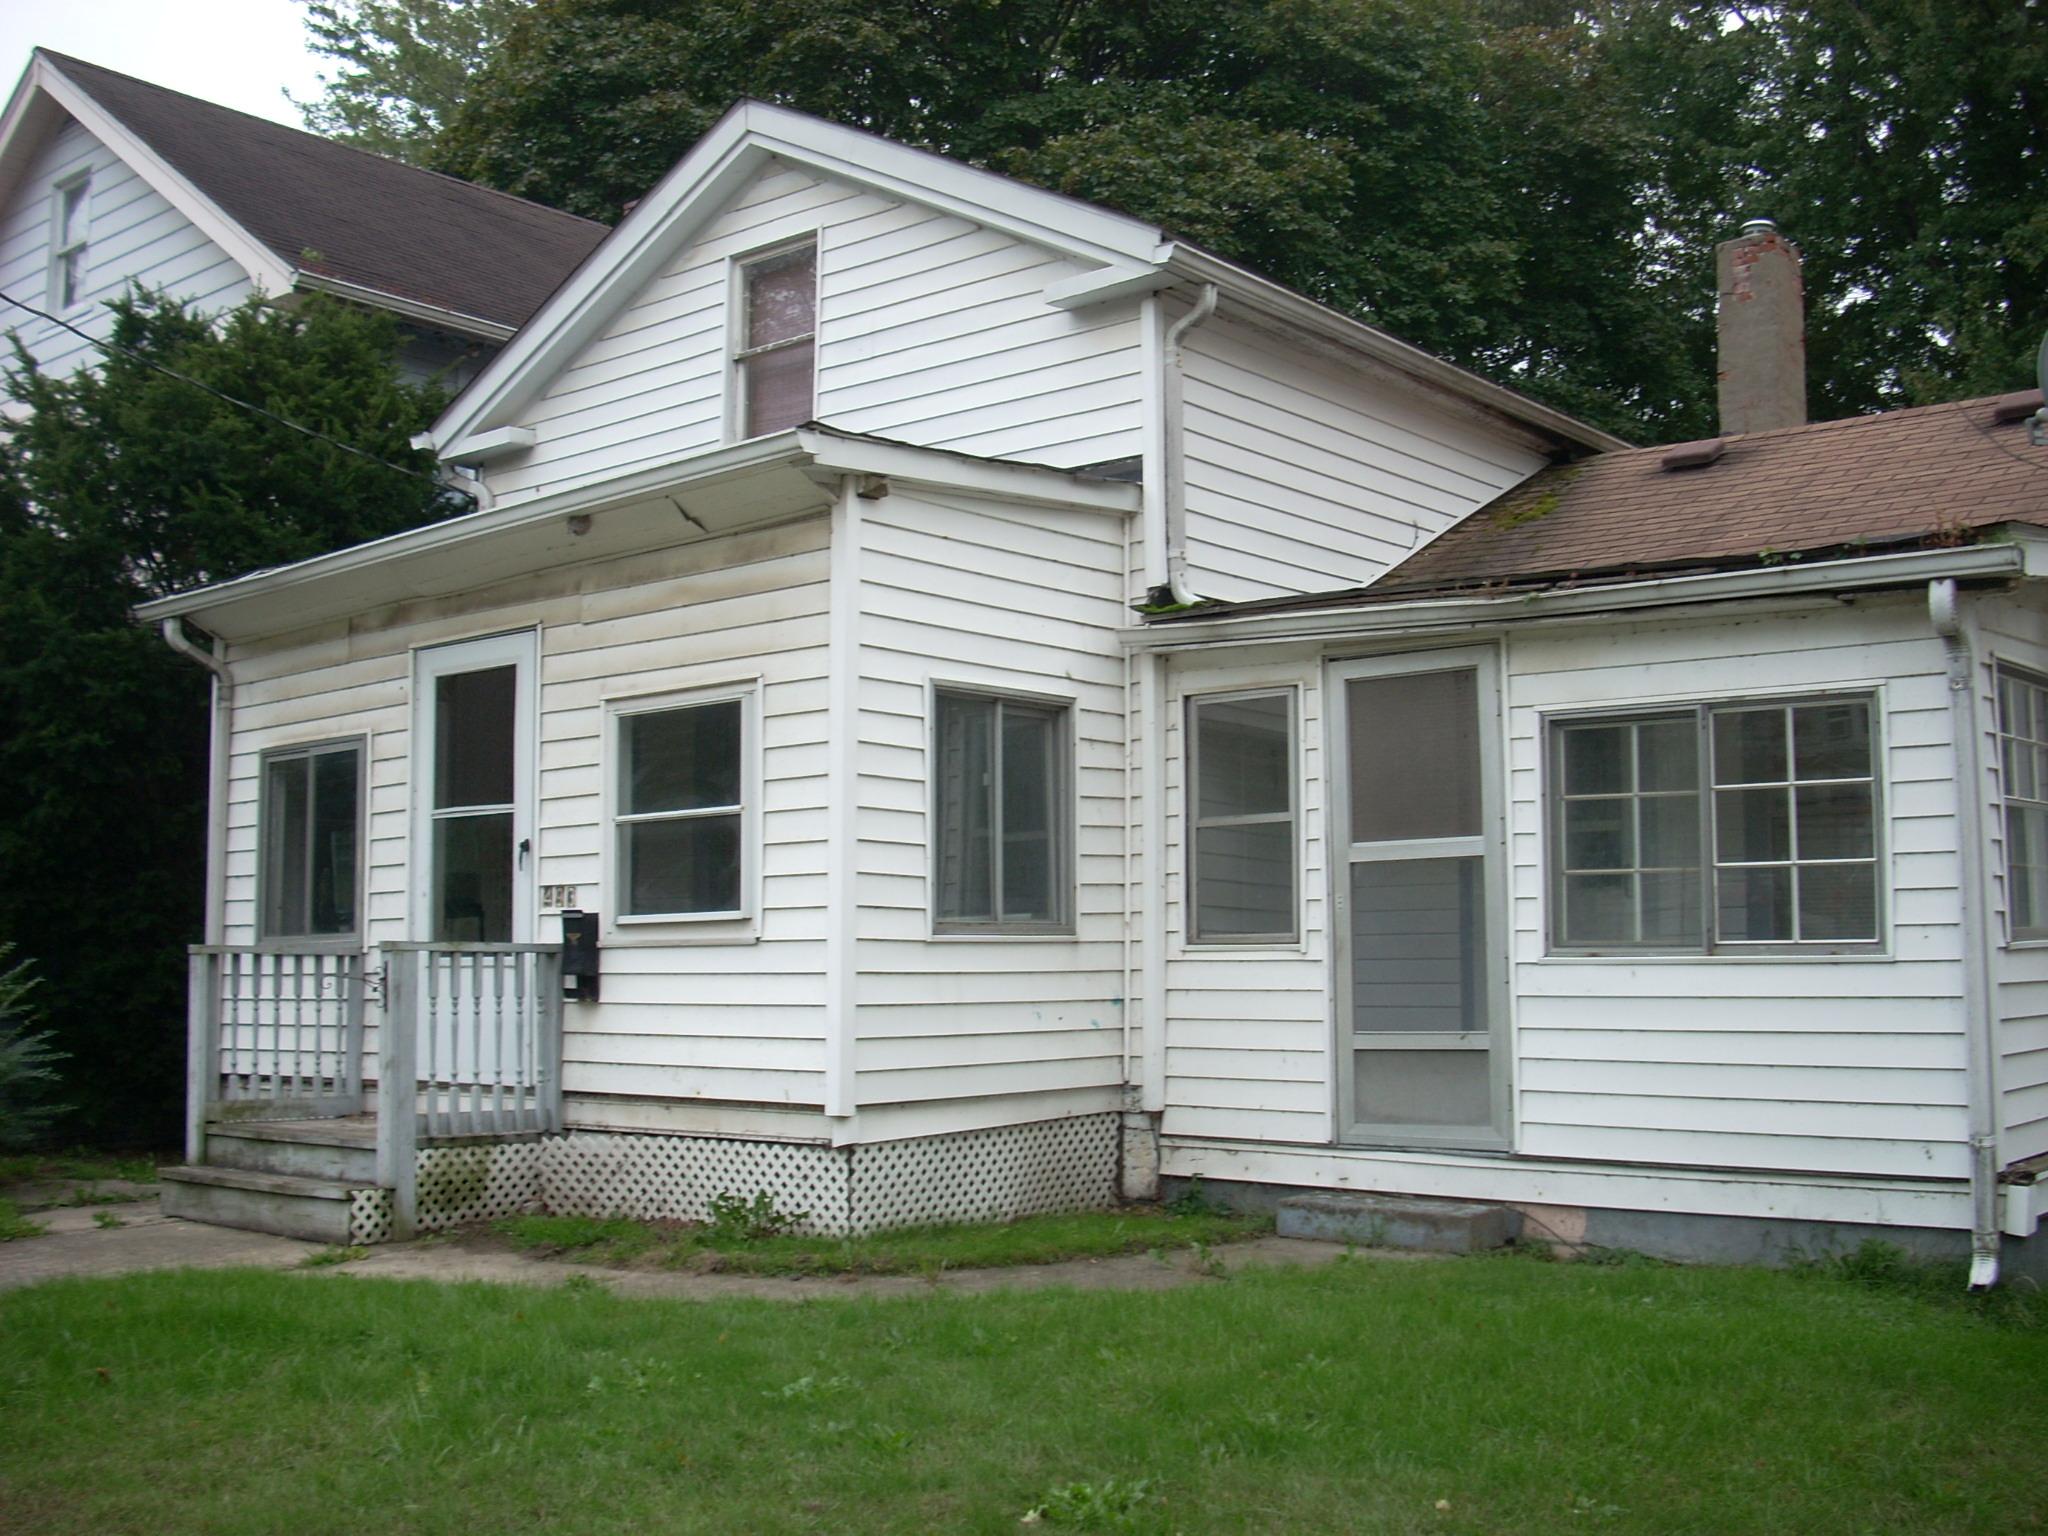 493 Elm, Painsville, Ohio 44077